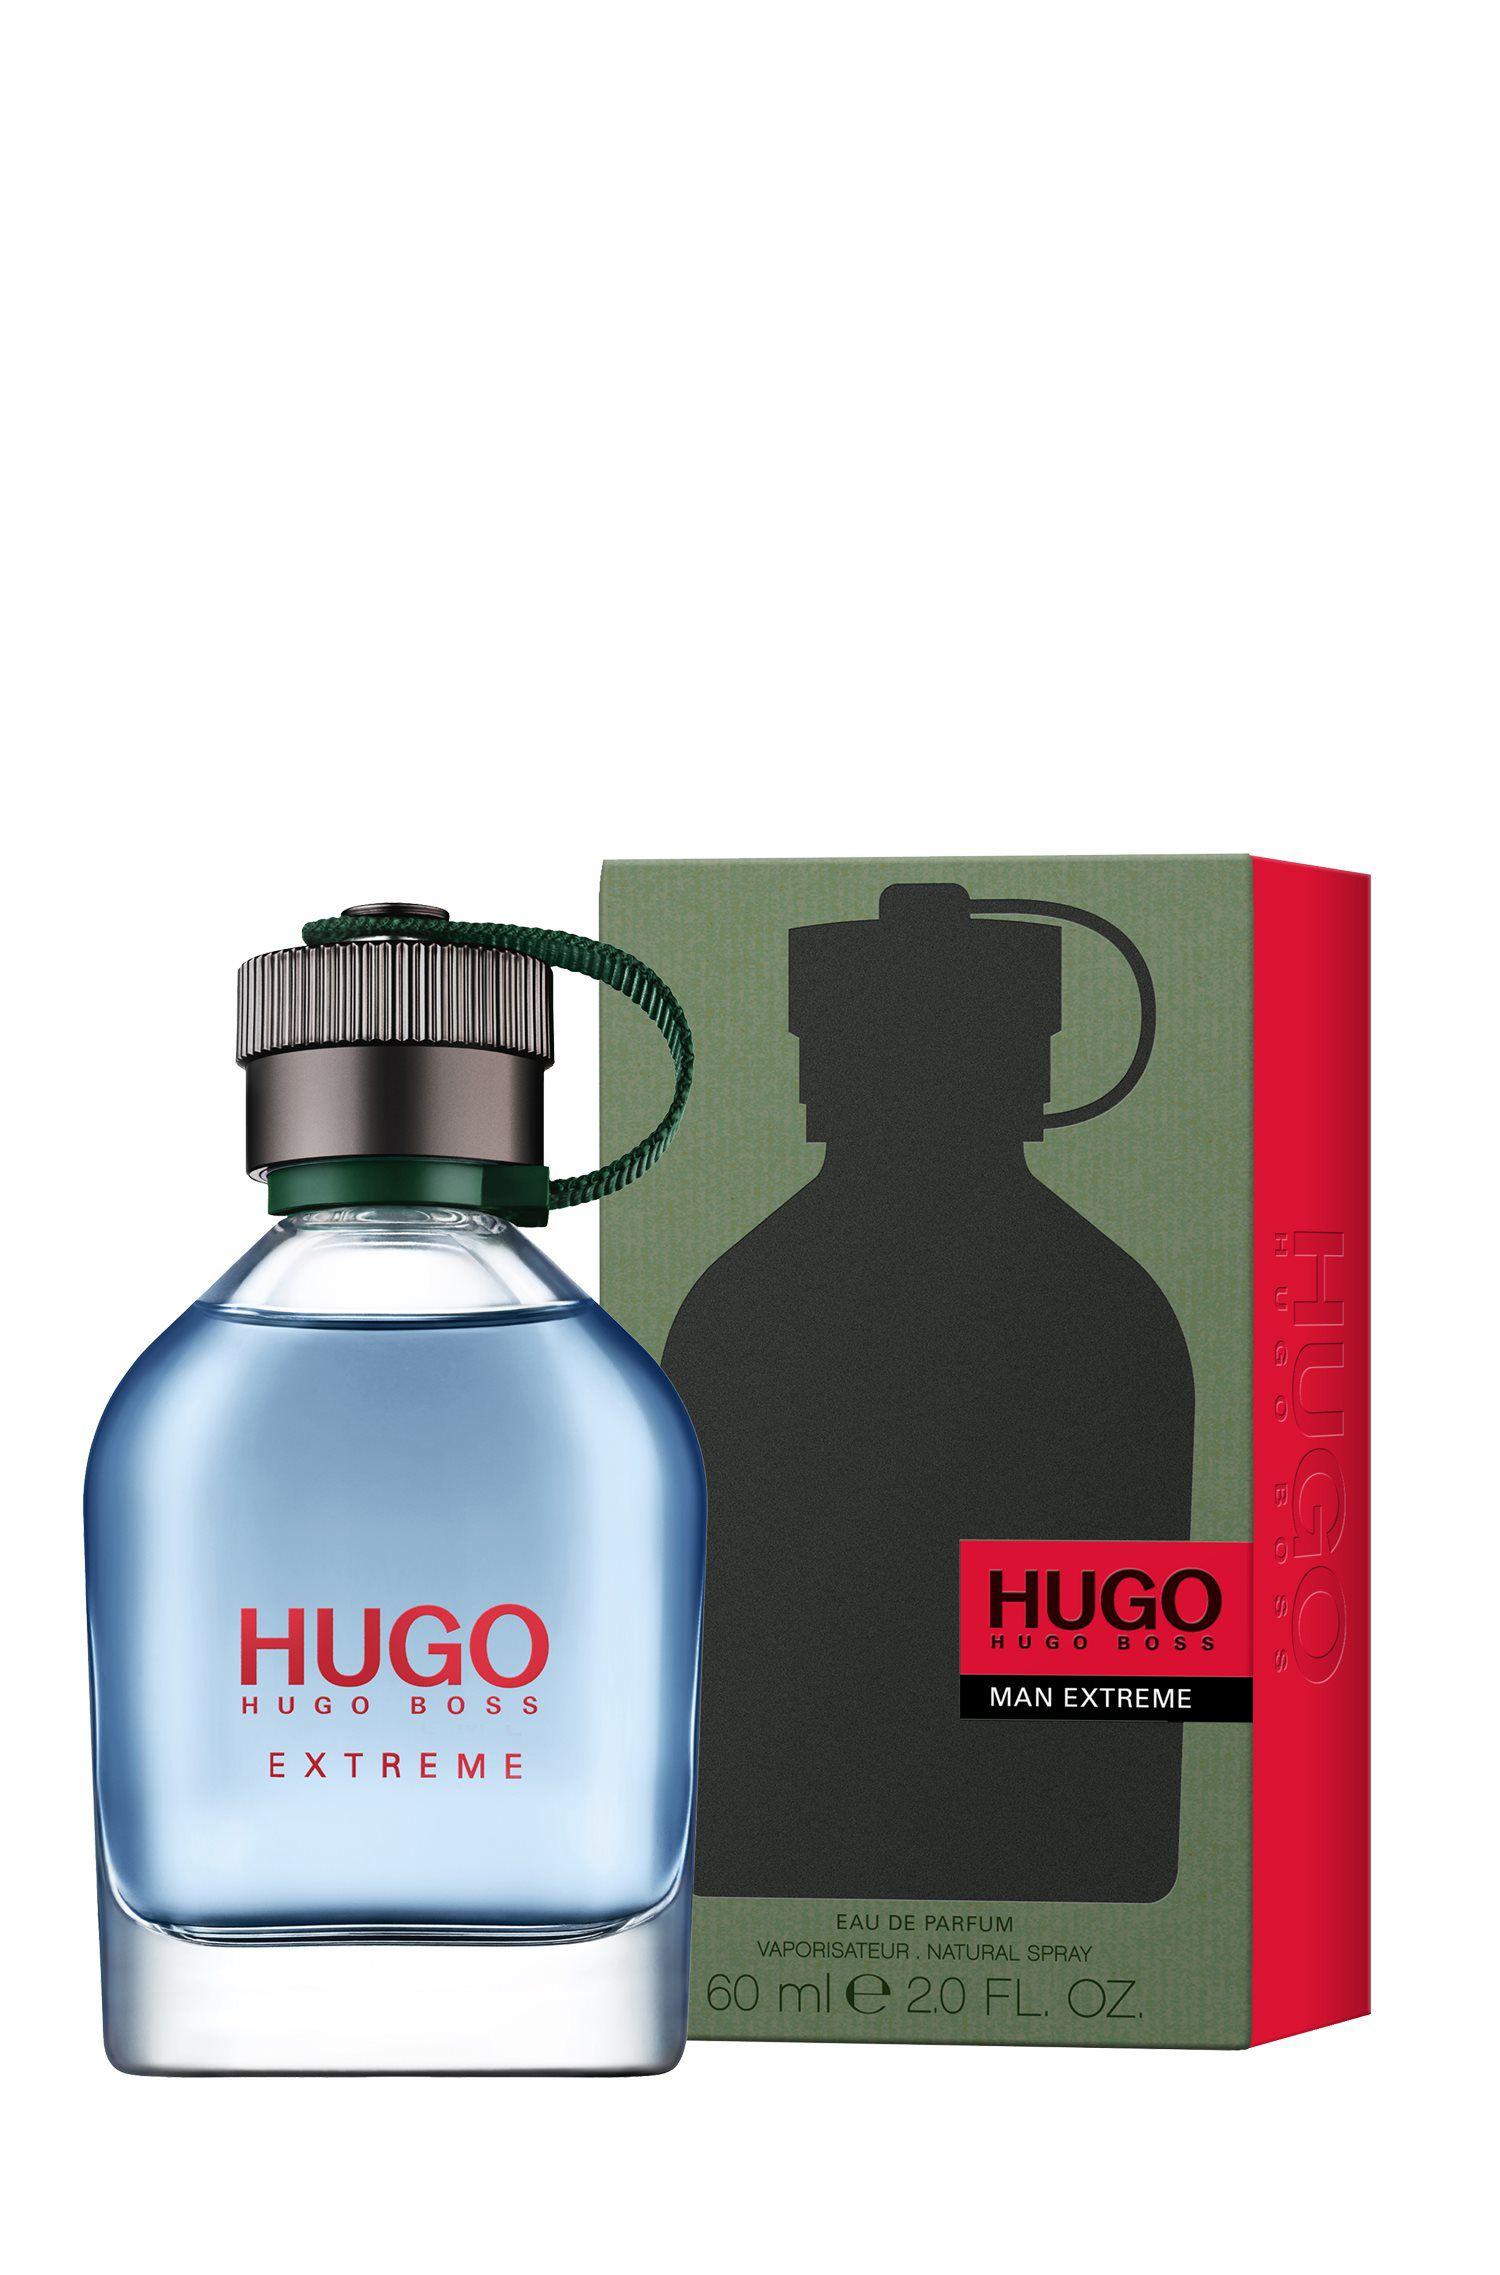 HUGO Man Extreme eau de parfum 60ml, Assorted-Pre-Pack